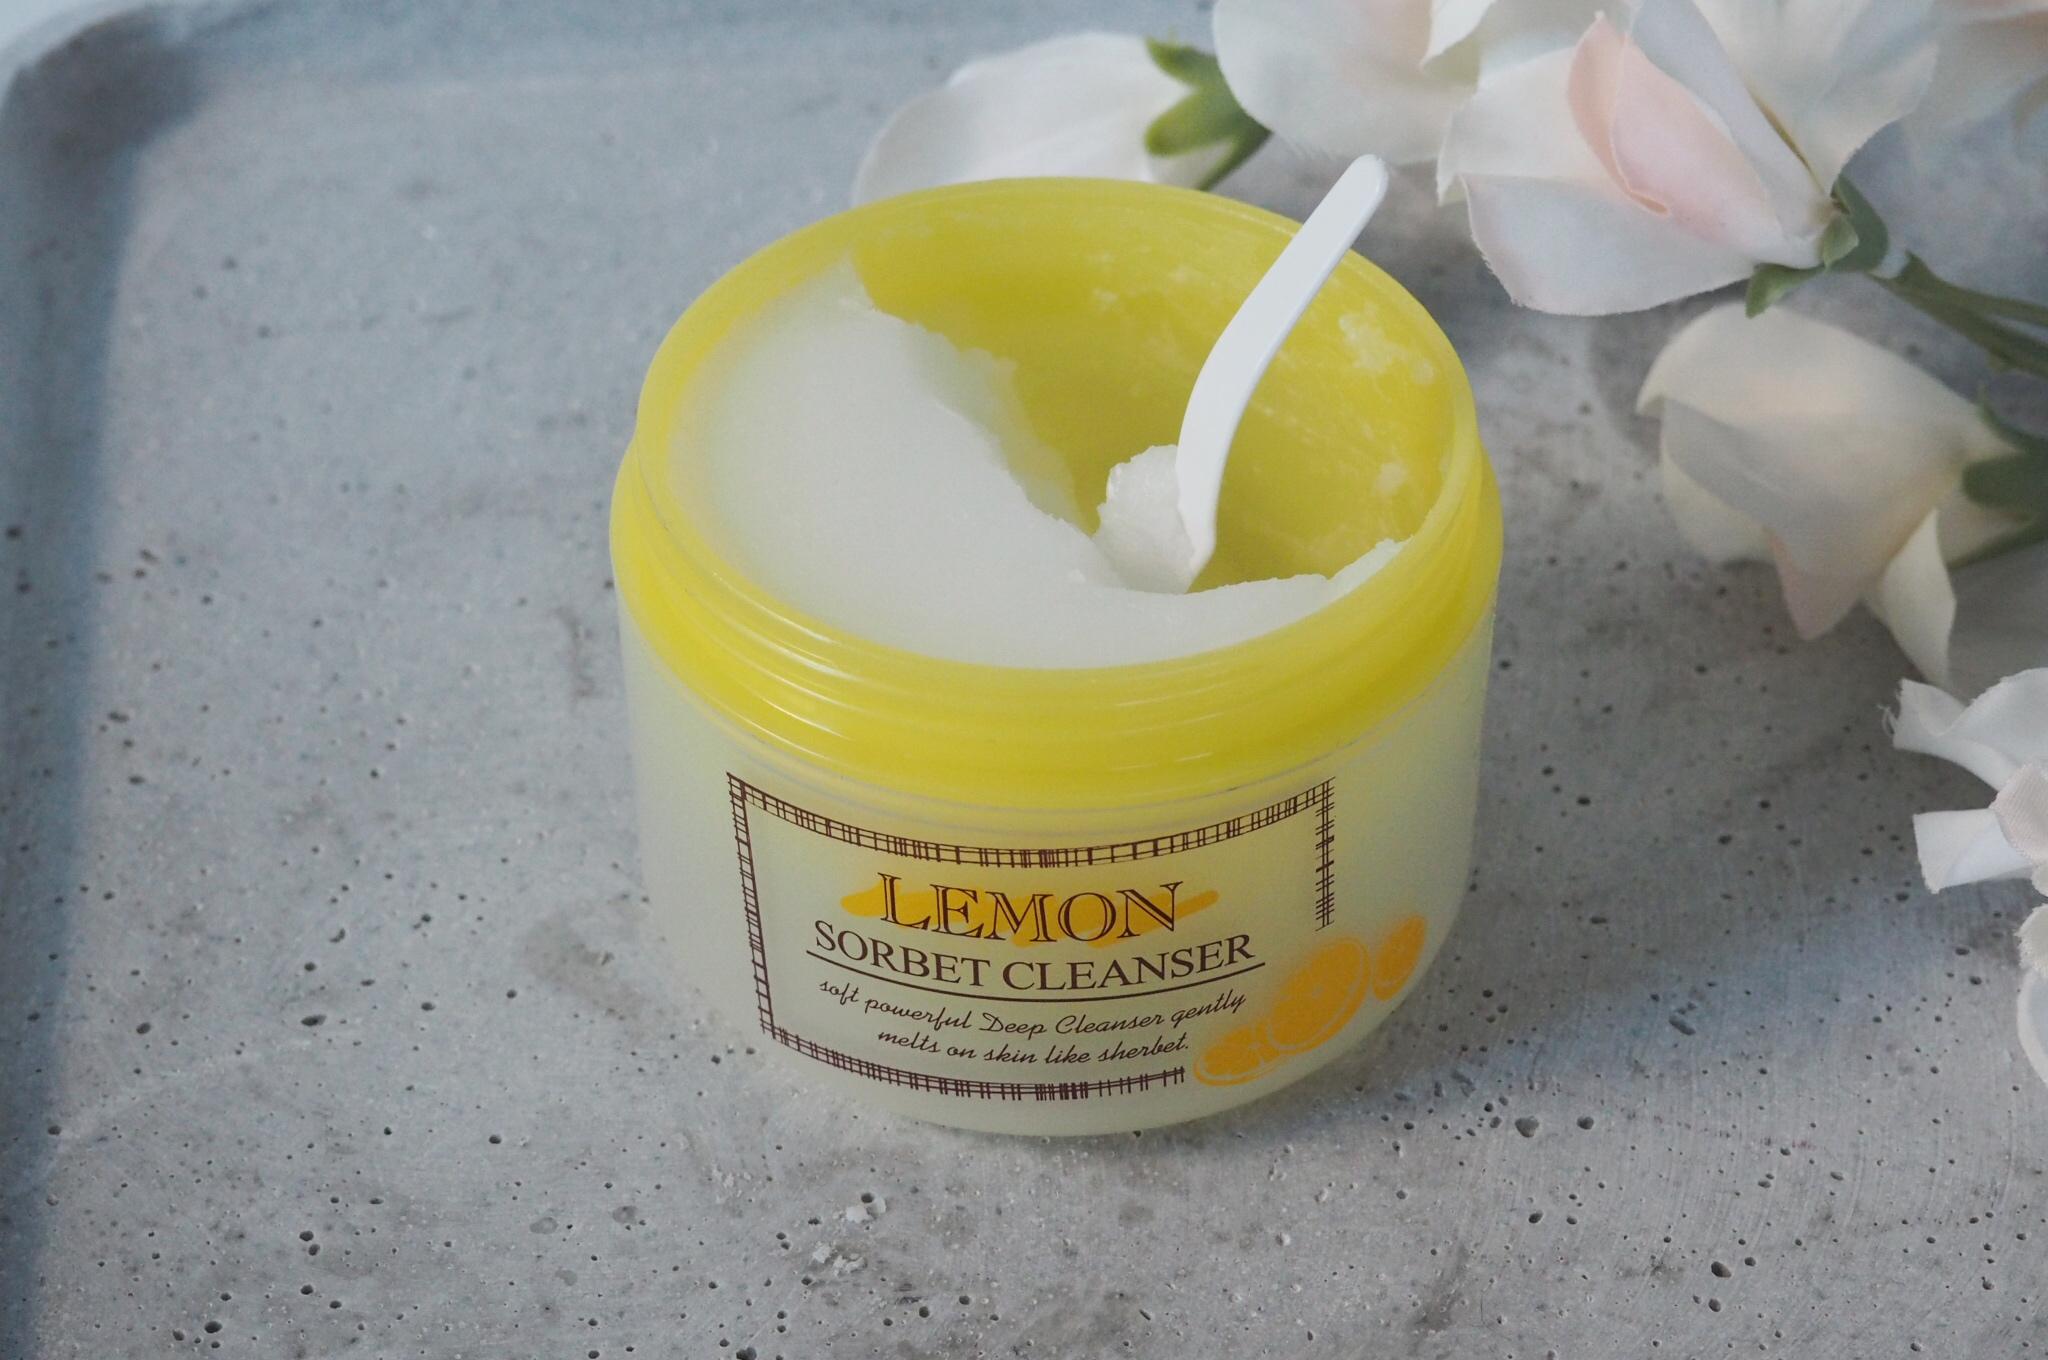 lemon sorbet cleanser